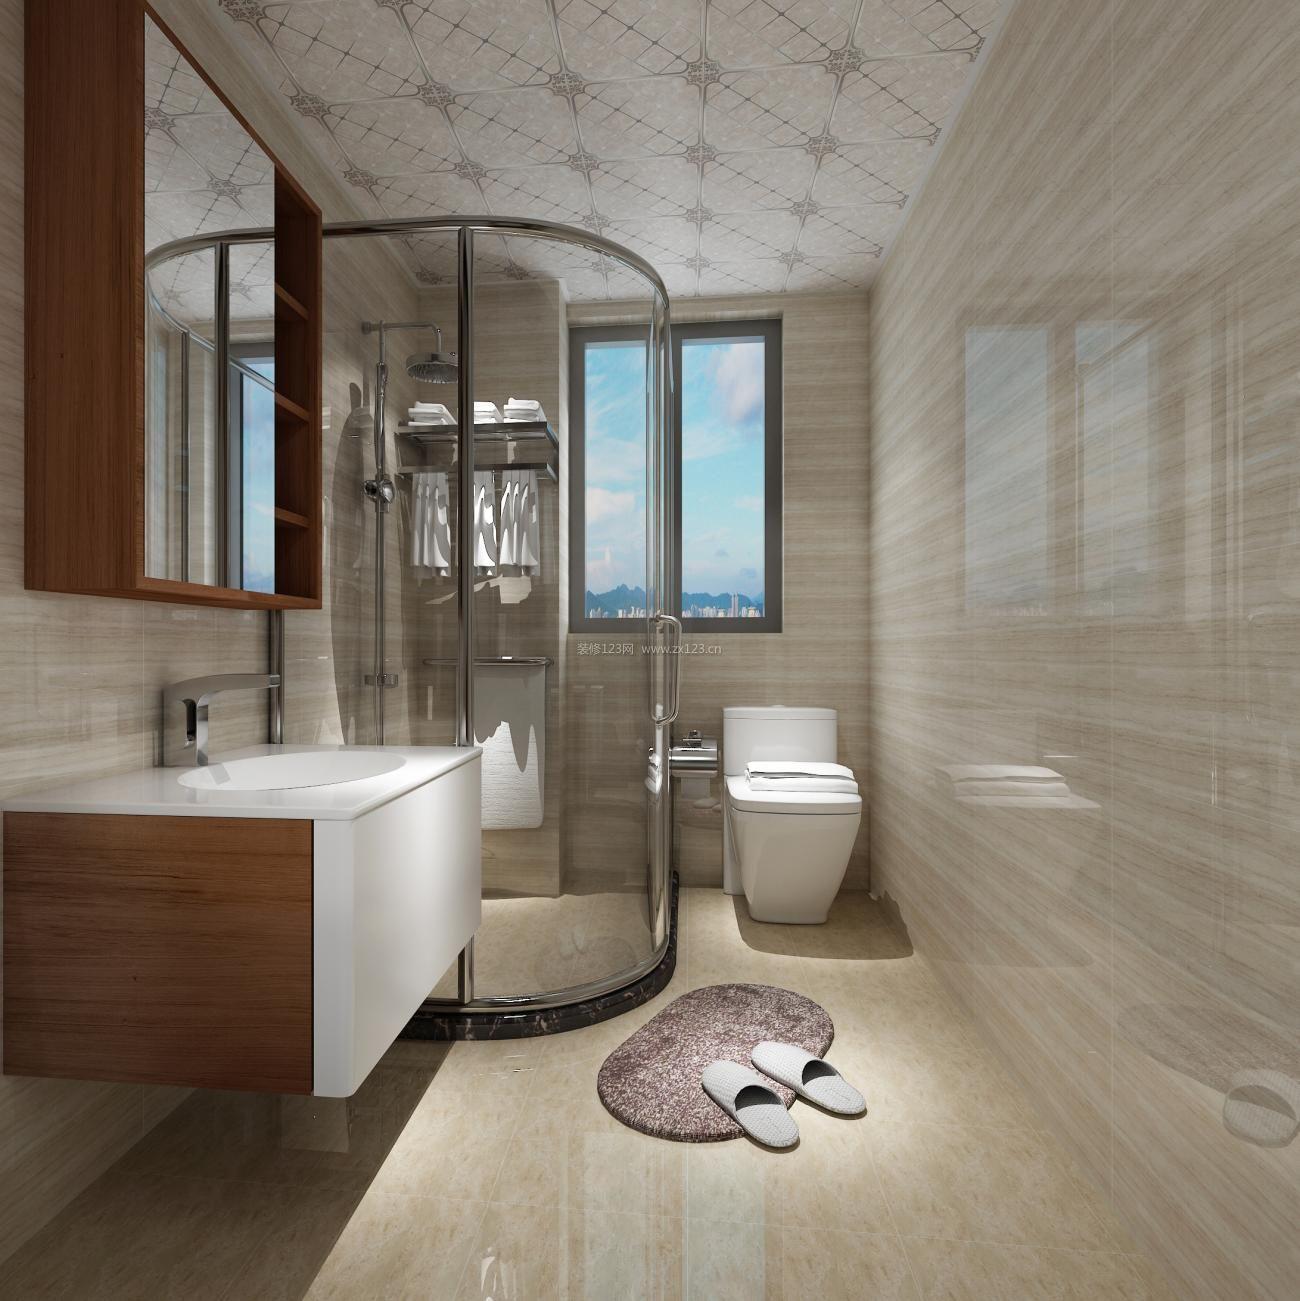 2017简约美式卫生间玻璃淋浴房装修效果图